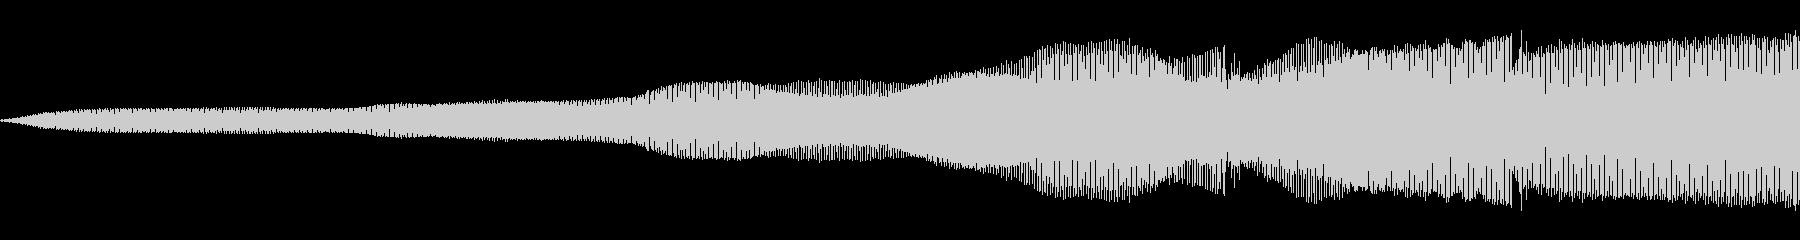 信号グリッチ2の未再生の波形